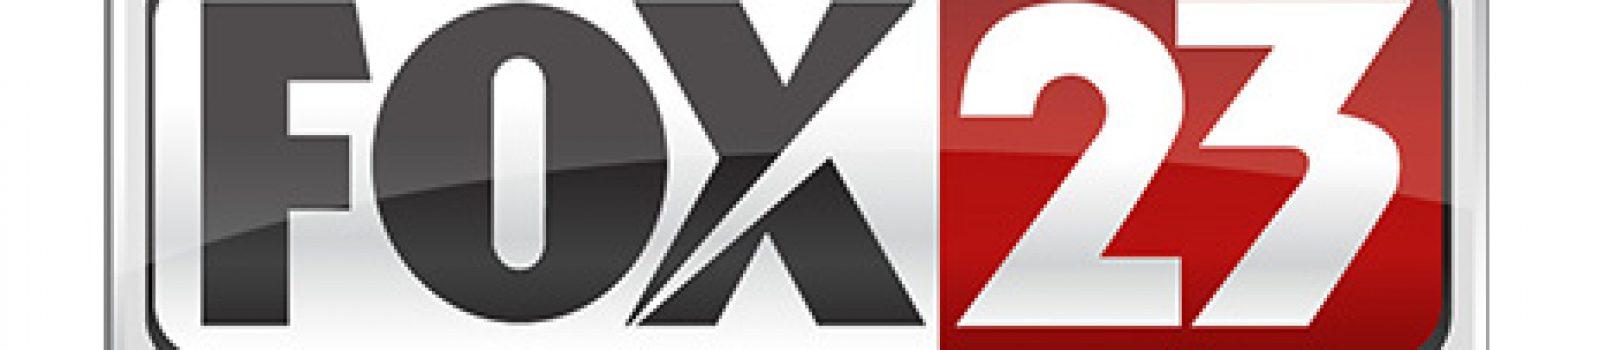 wxxa-09302016